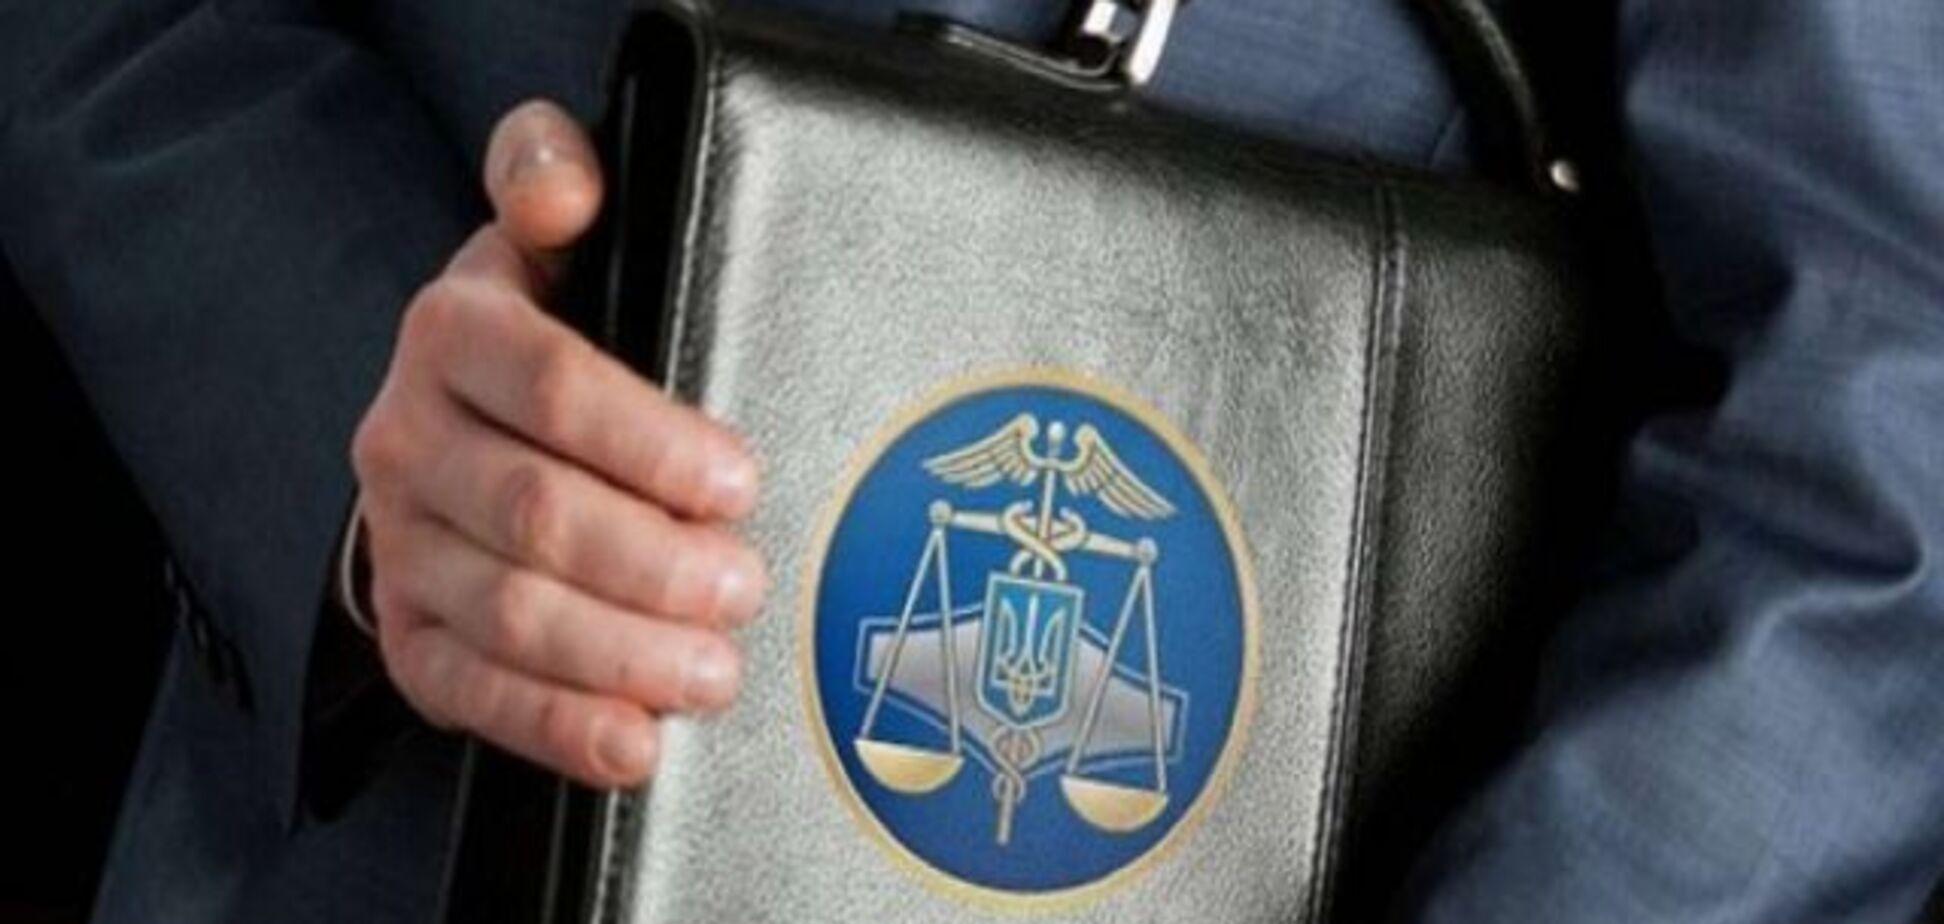 Горняки подали в суд на налоговиков из-за подлога и манипуляций